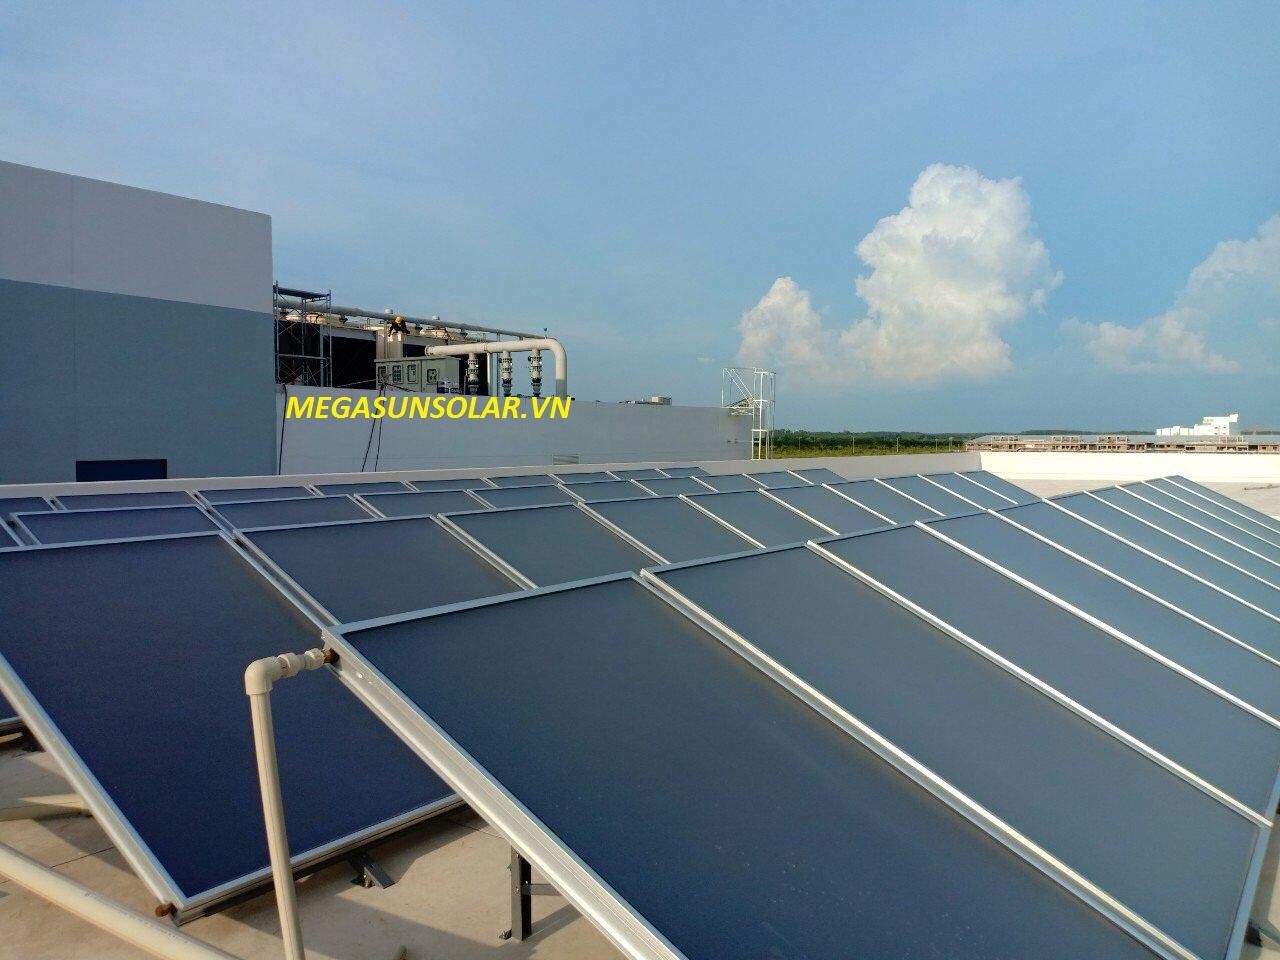 Dànnước nóng năng lượng mặt trờicôngnghiệp Megasun